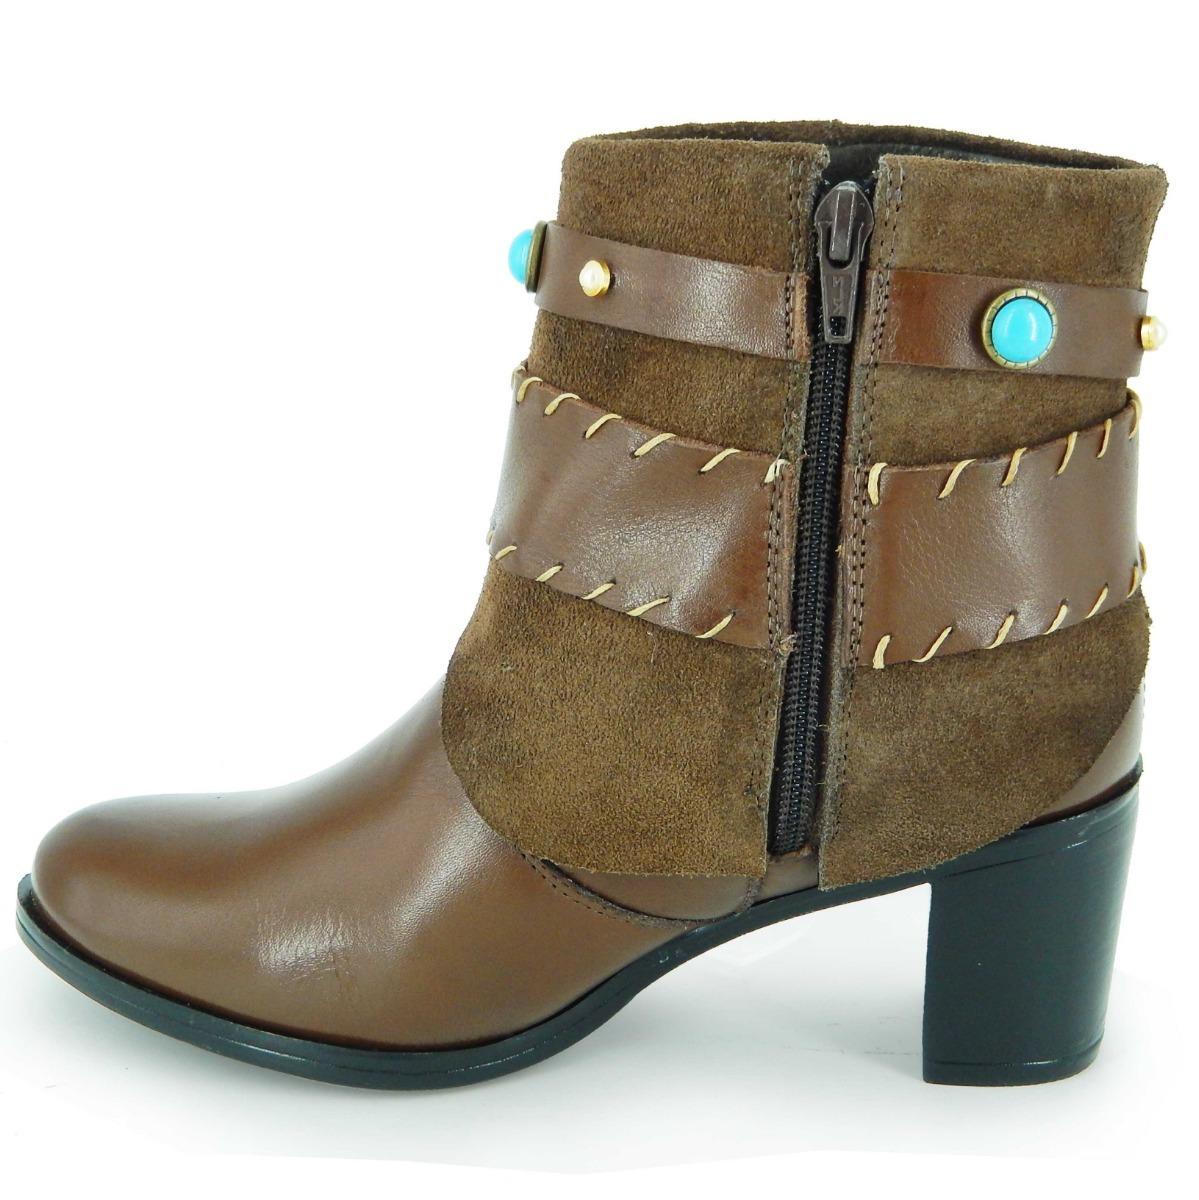 45a771851 bota feminina cano curto casual com salto em couro legítimo. Carregando zoom .